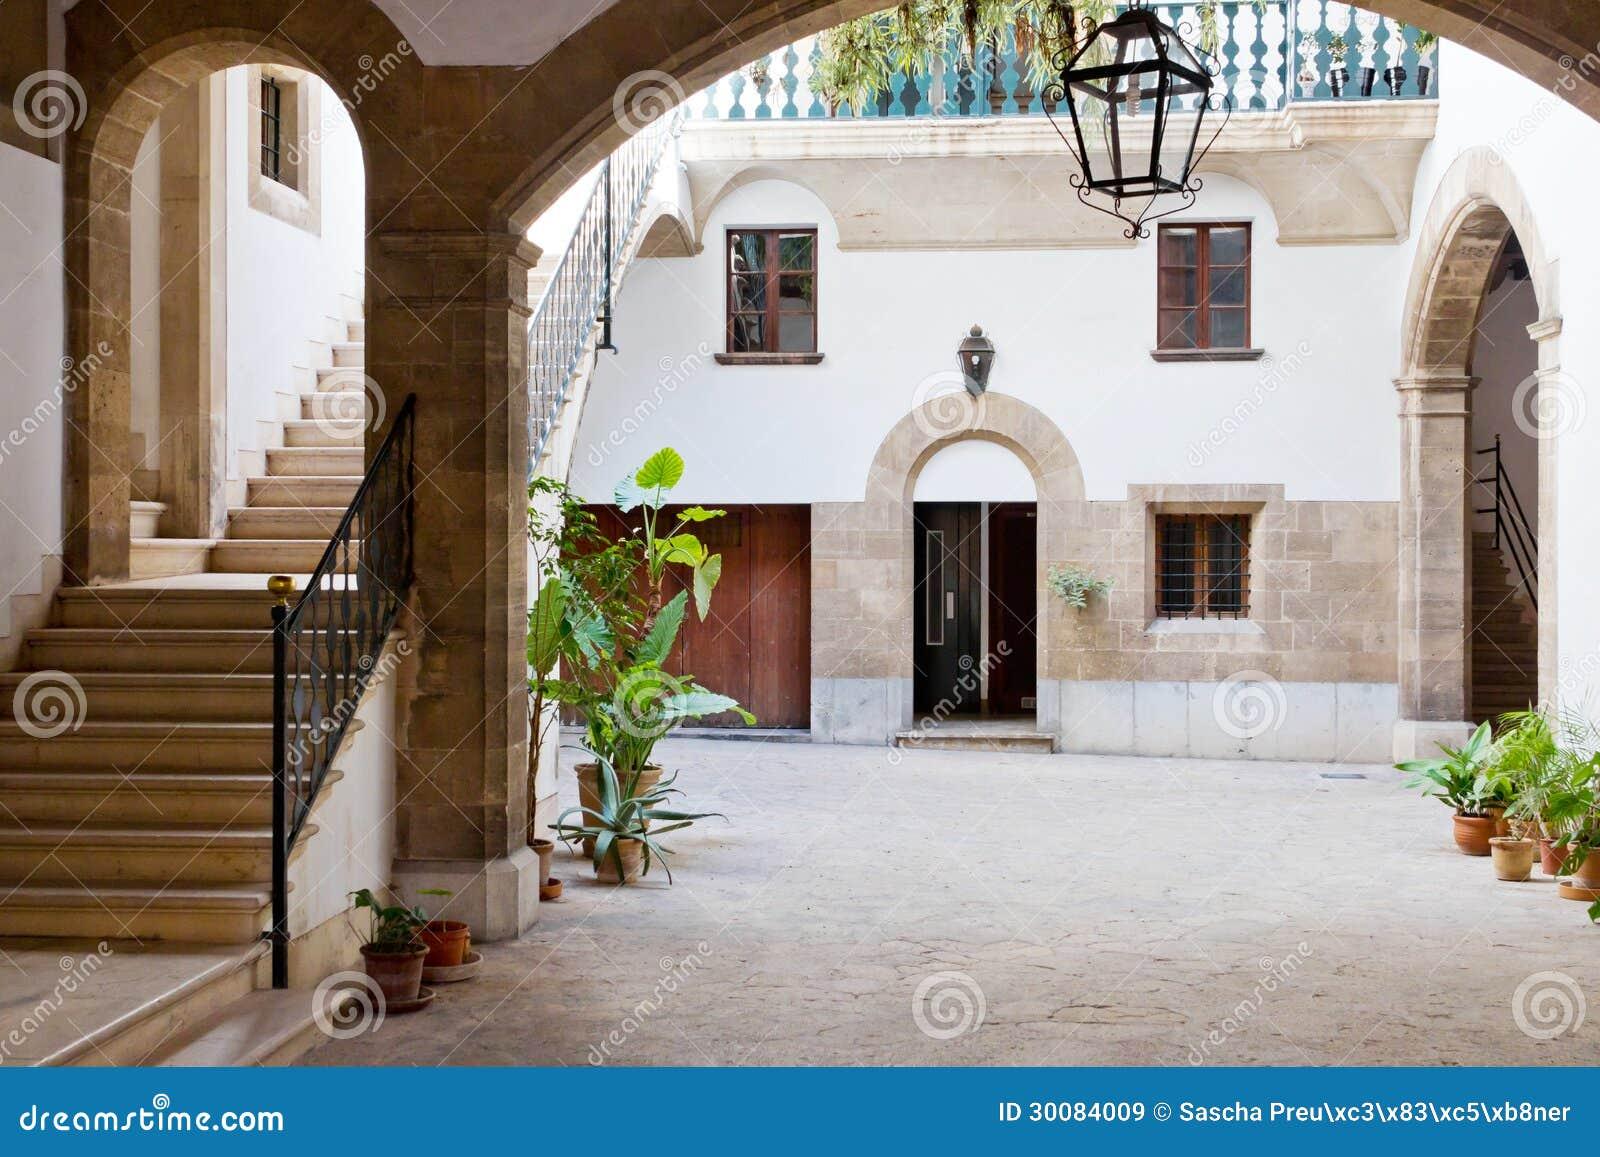 Cour int rieure espagnole images libres de droits image for Couvrir une cour interieure